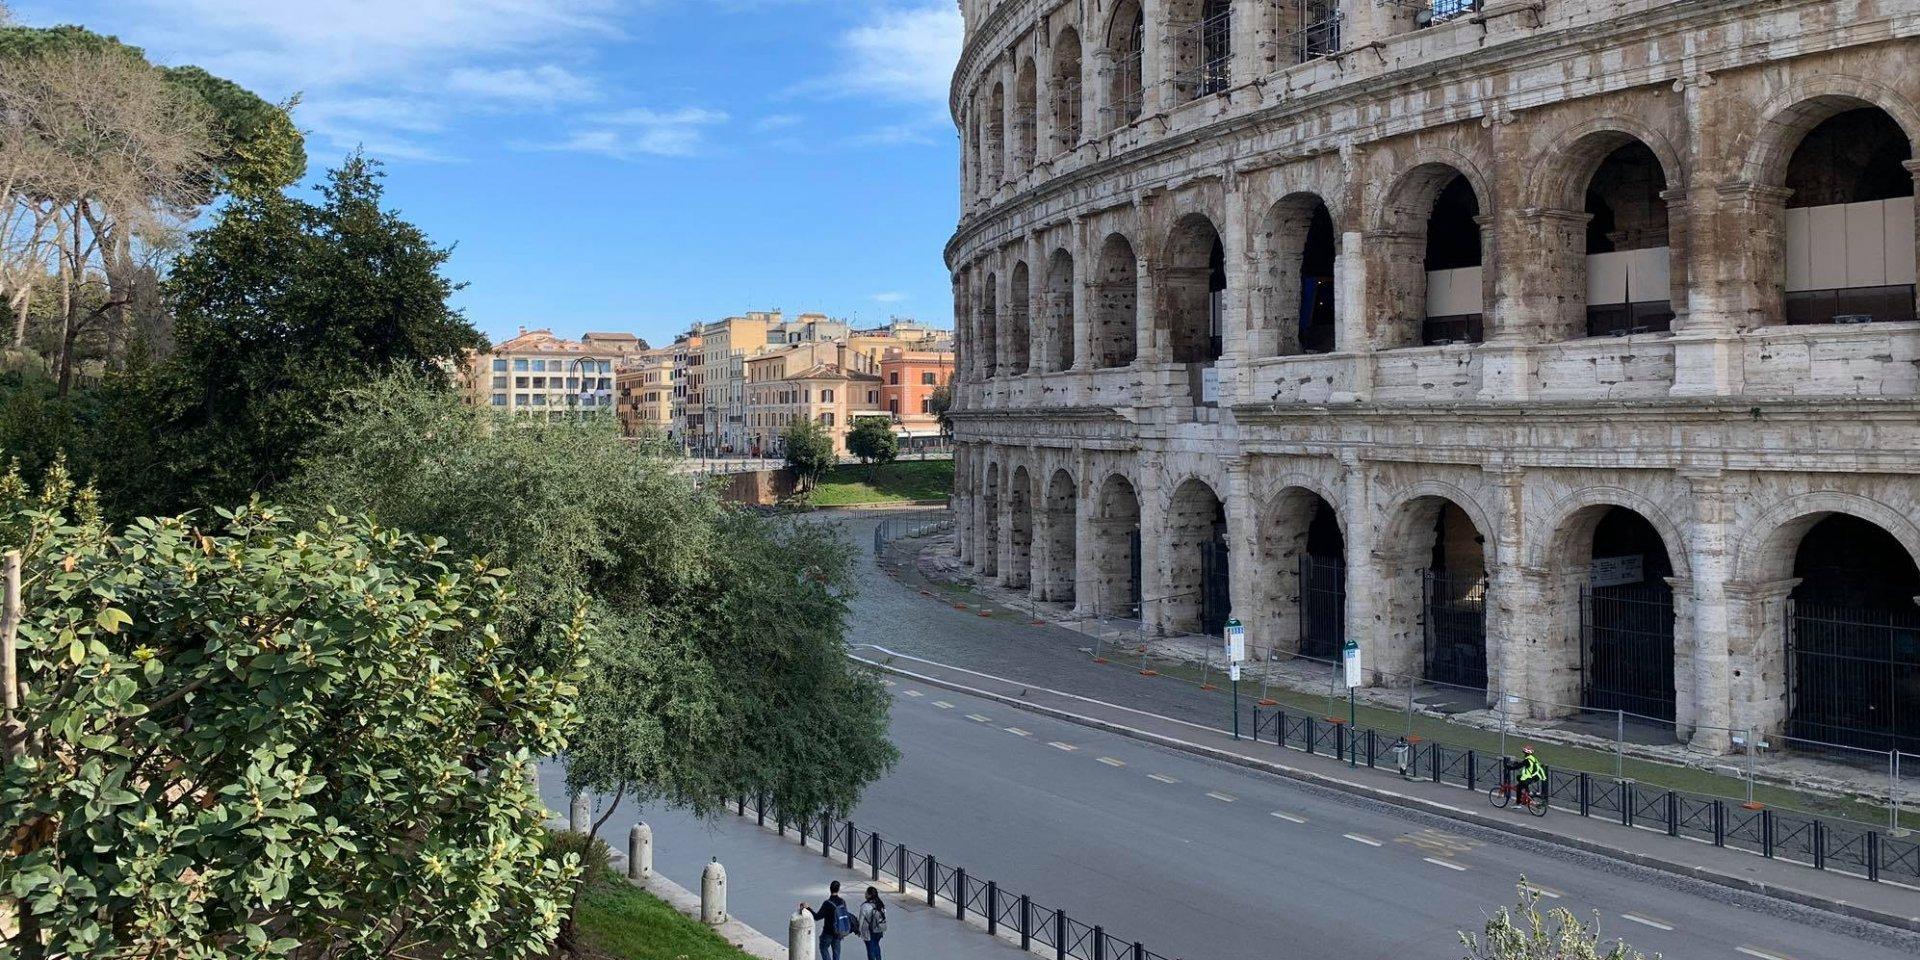 Карантин по-італійські: спів, як ліки від коронавірусу (фото, відео)